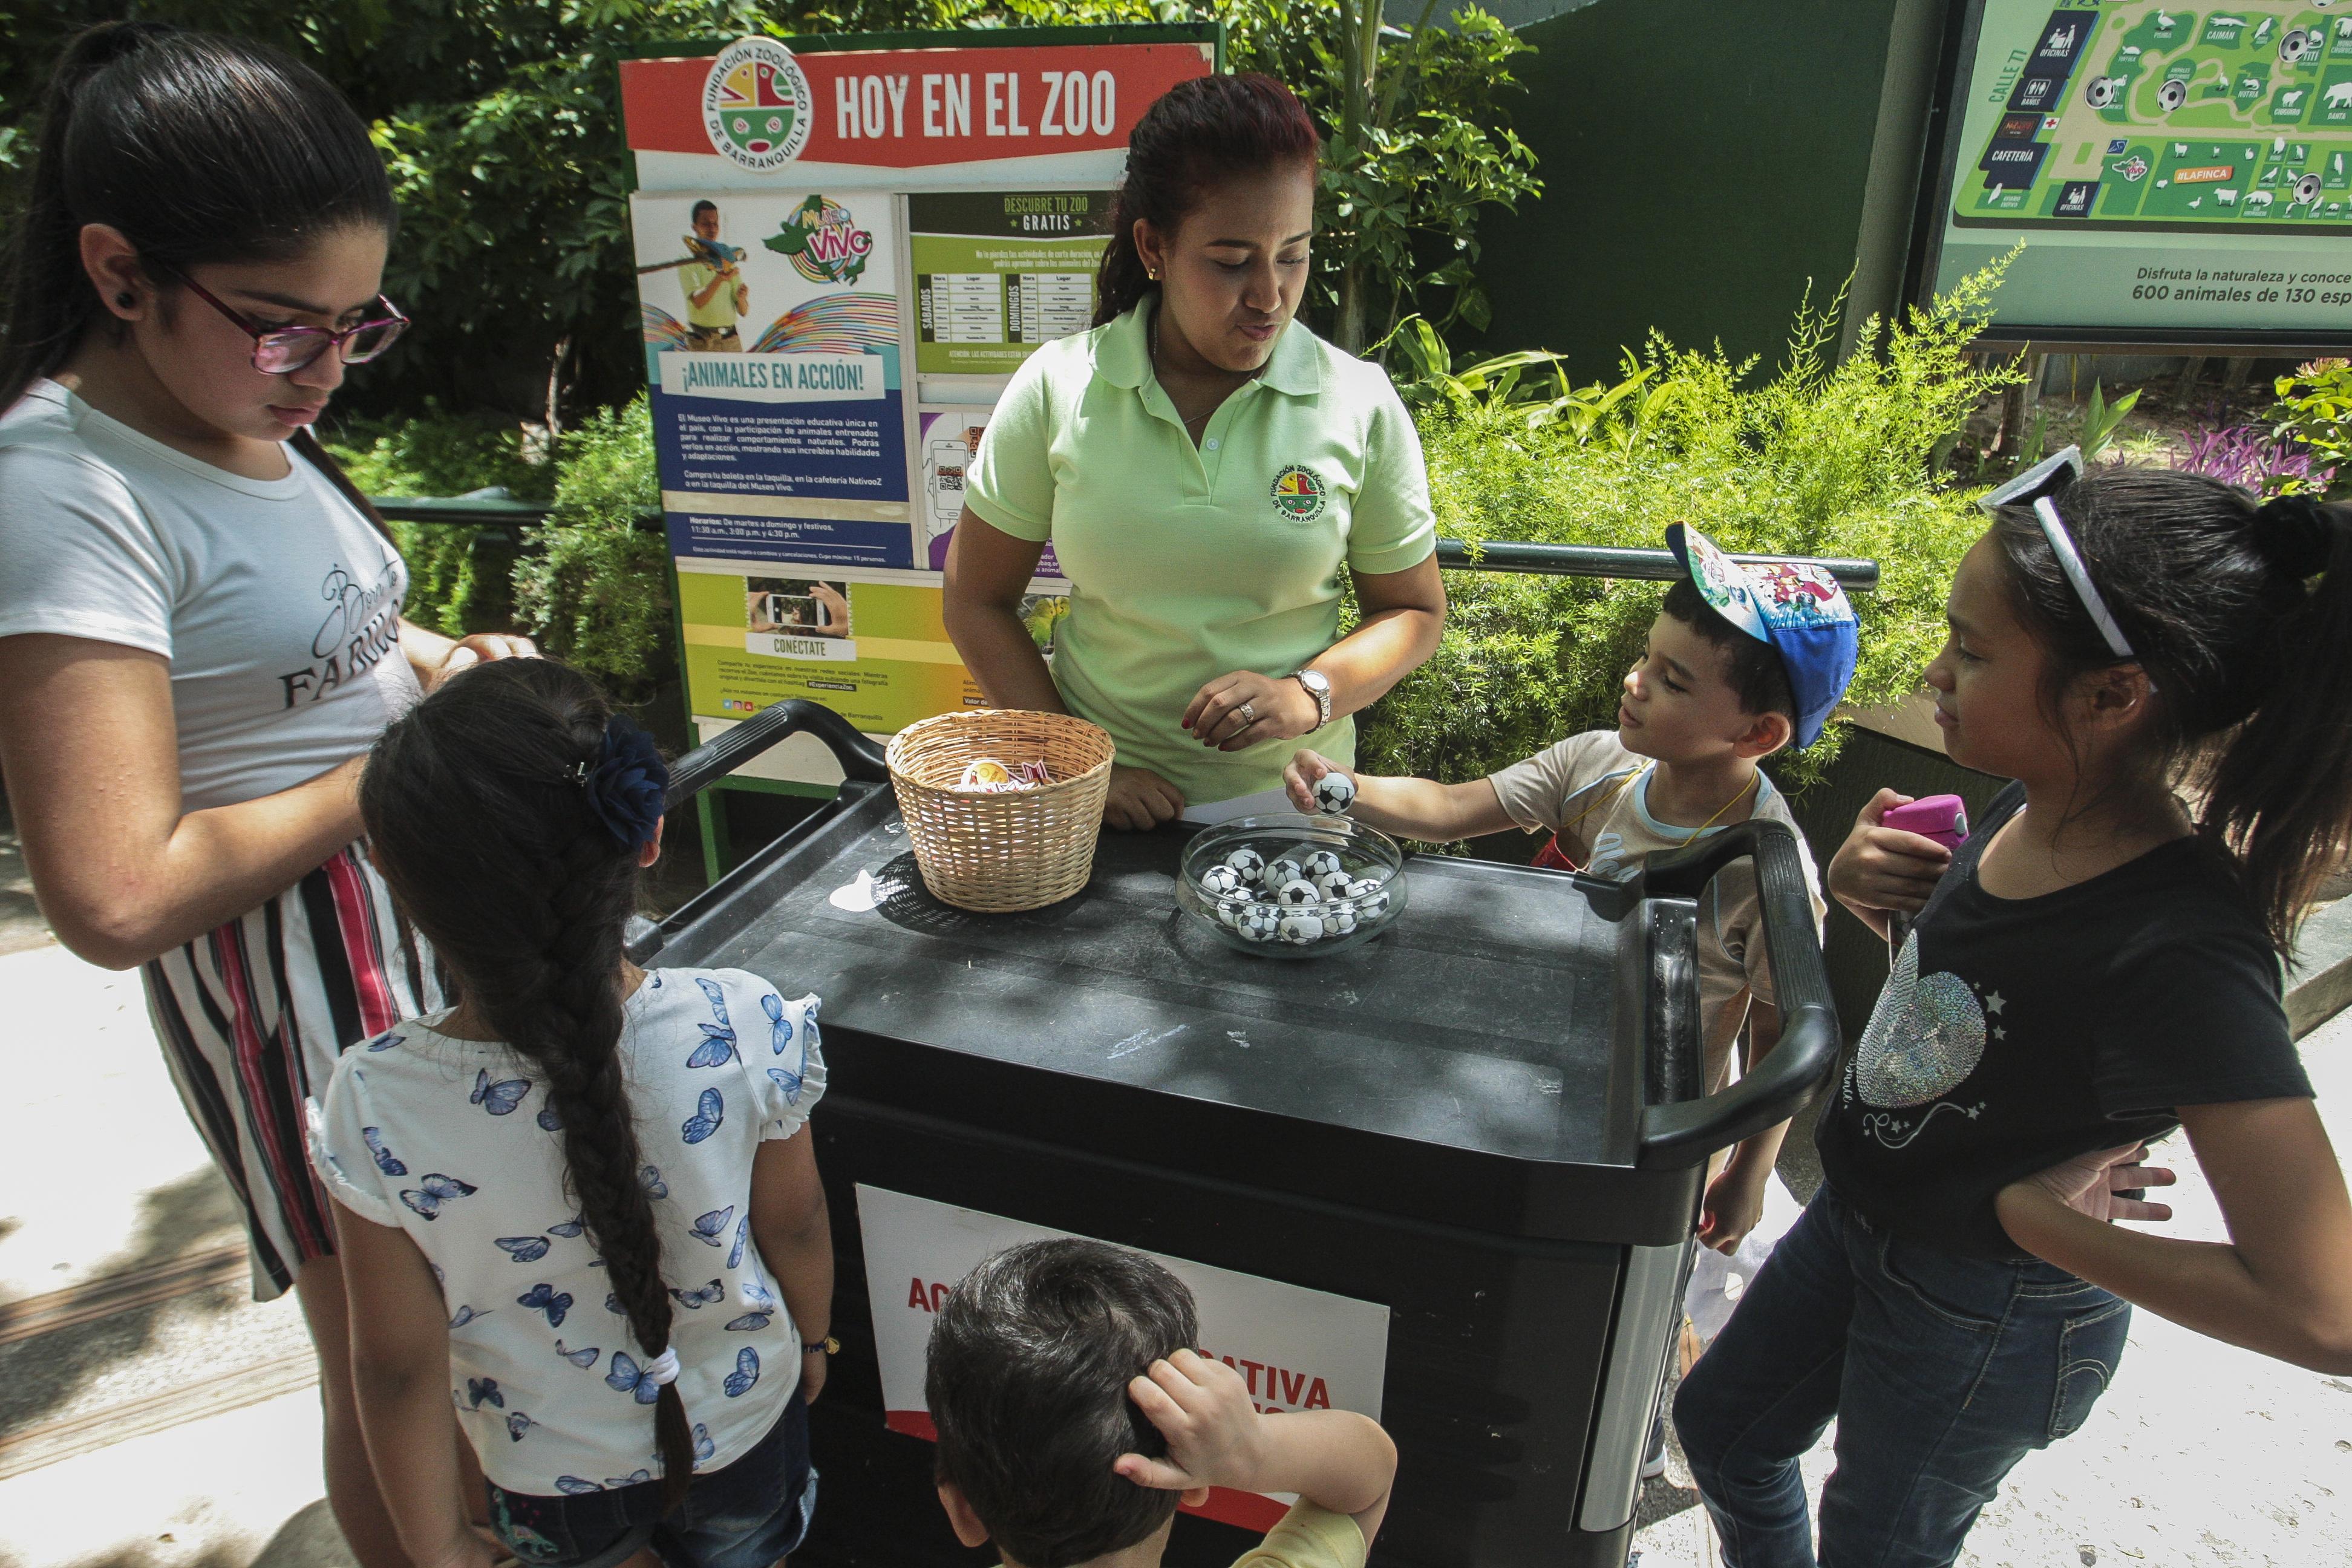 Un concurso de preguntas y respuesta se puede encontrar a la entrada del Zoológico.